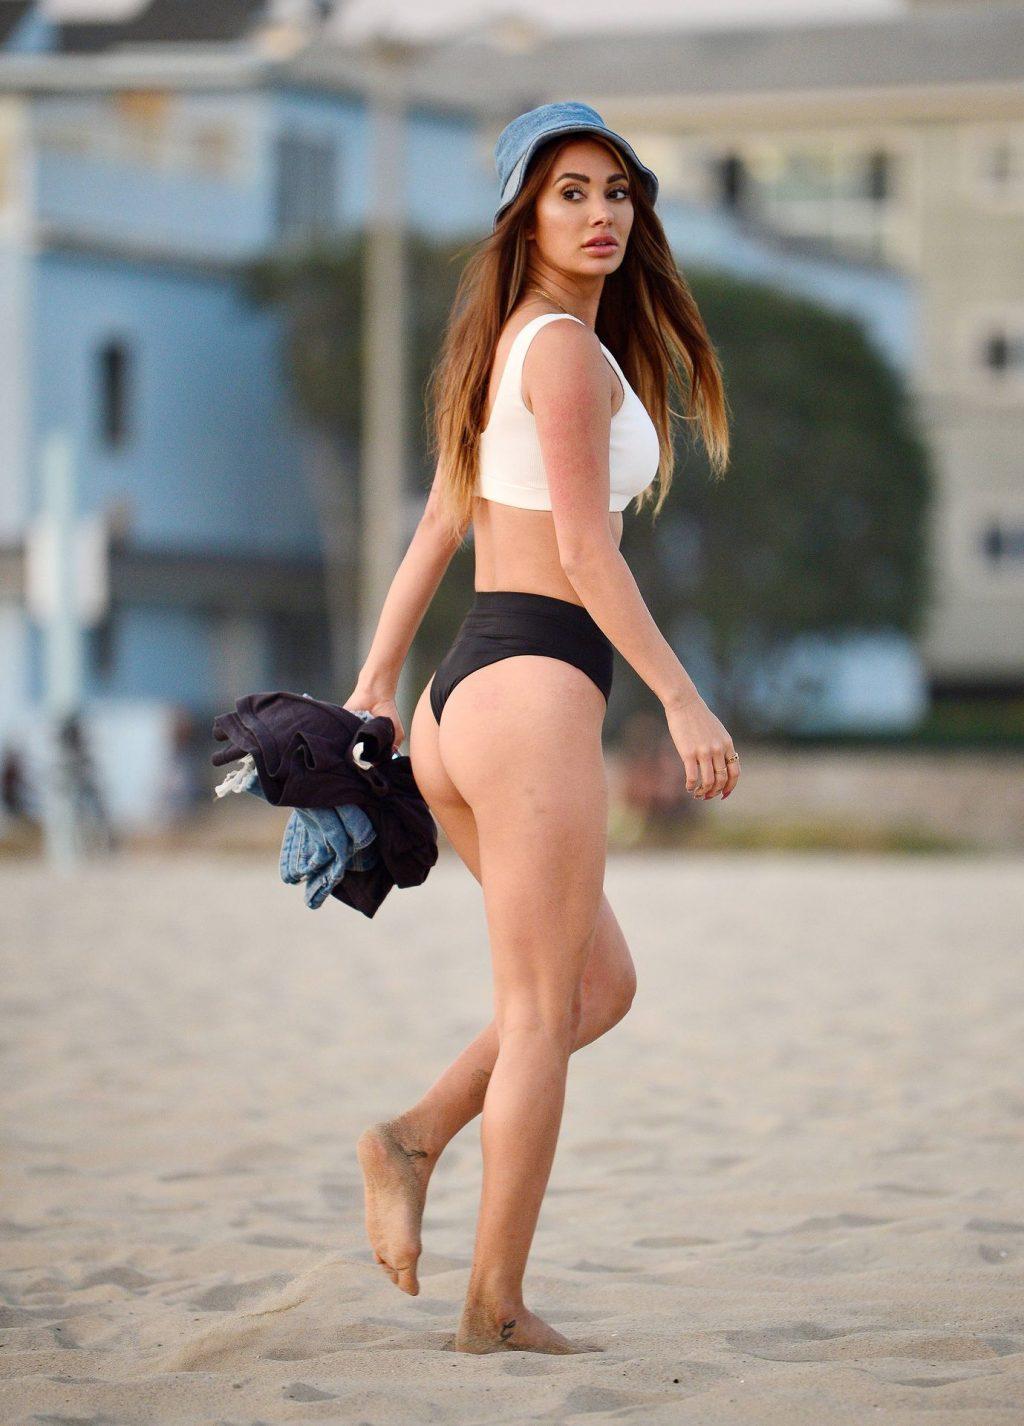 Francesca Farago Enjoys Bikini Fun at the Beach (17 Photos)